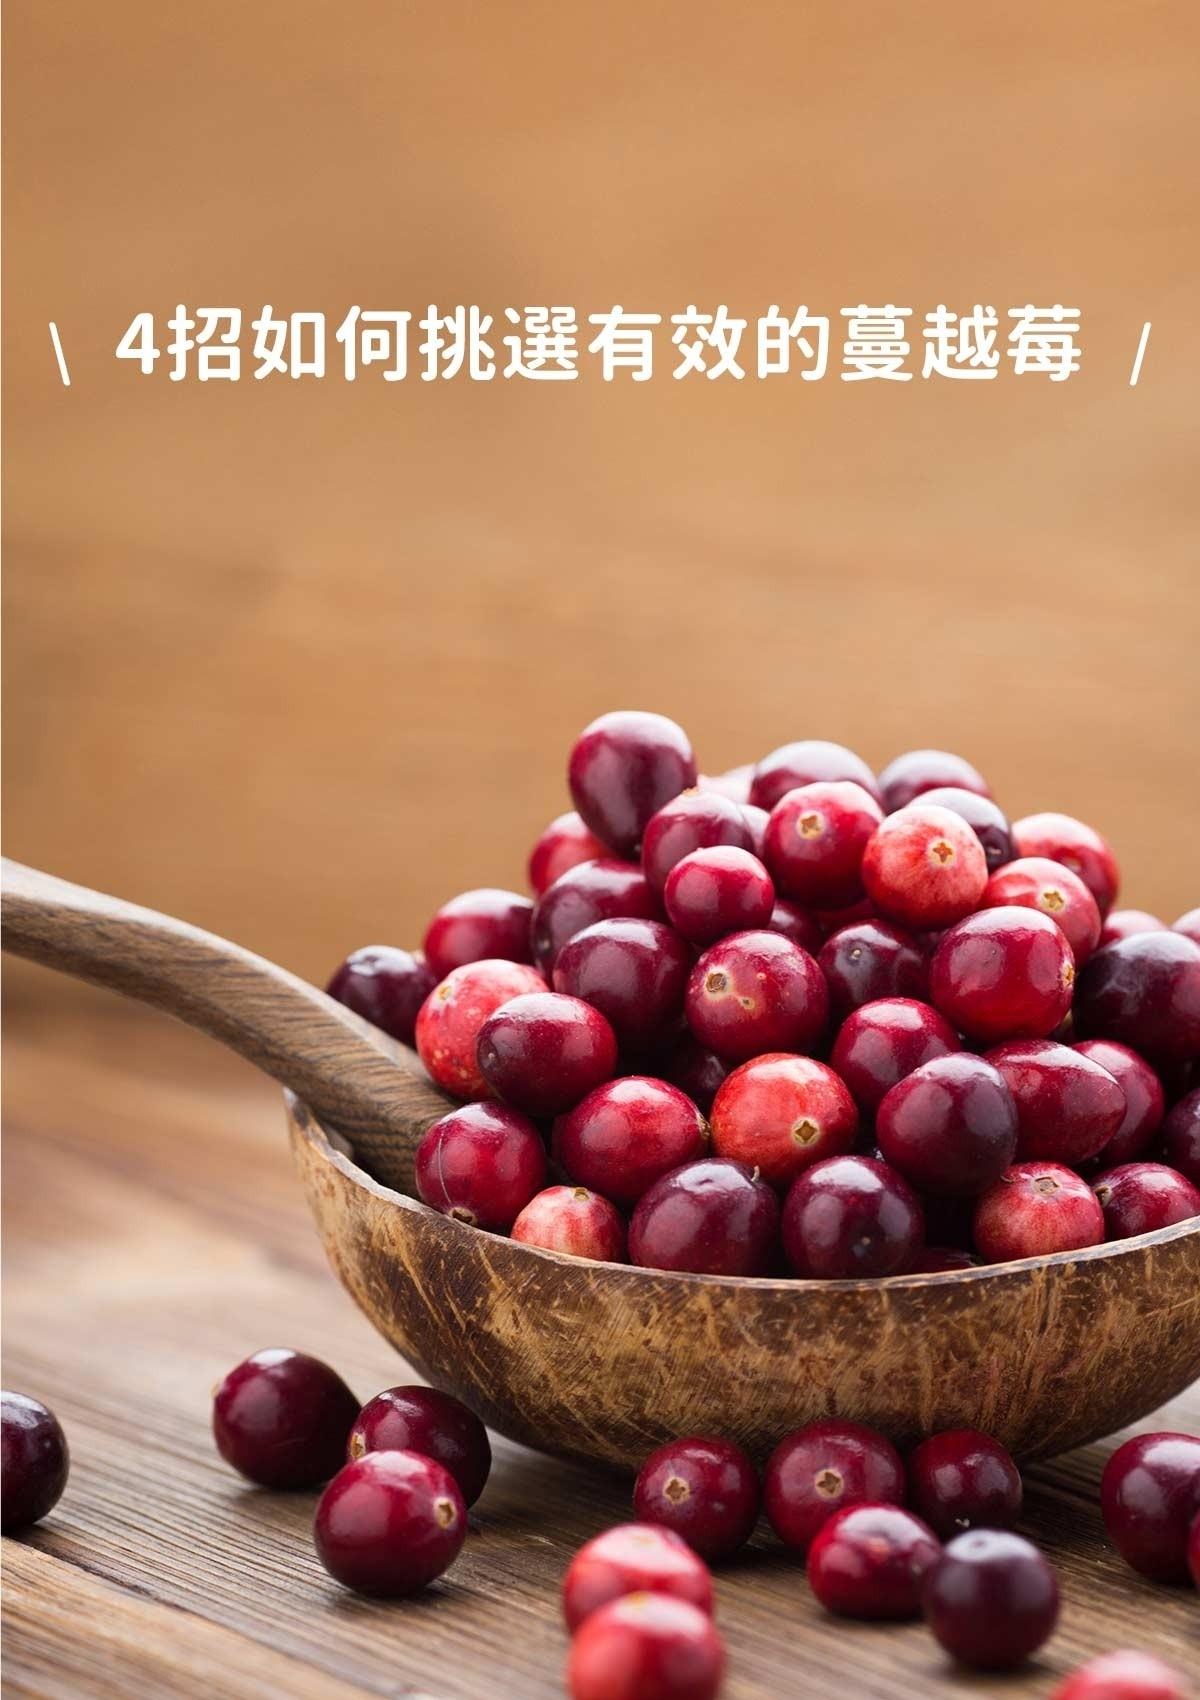 蔓越莓的功效和副作用? - 4招教妳如何挑選有效的蔓越莓(2021)